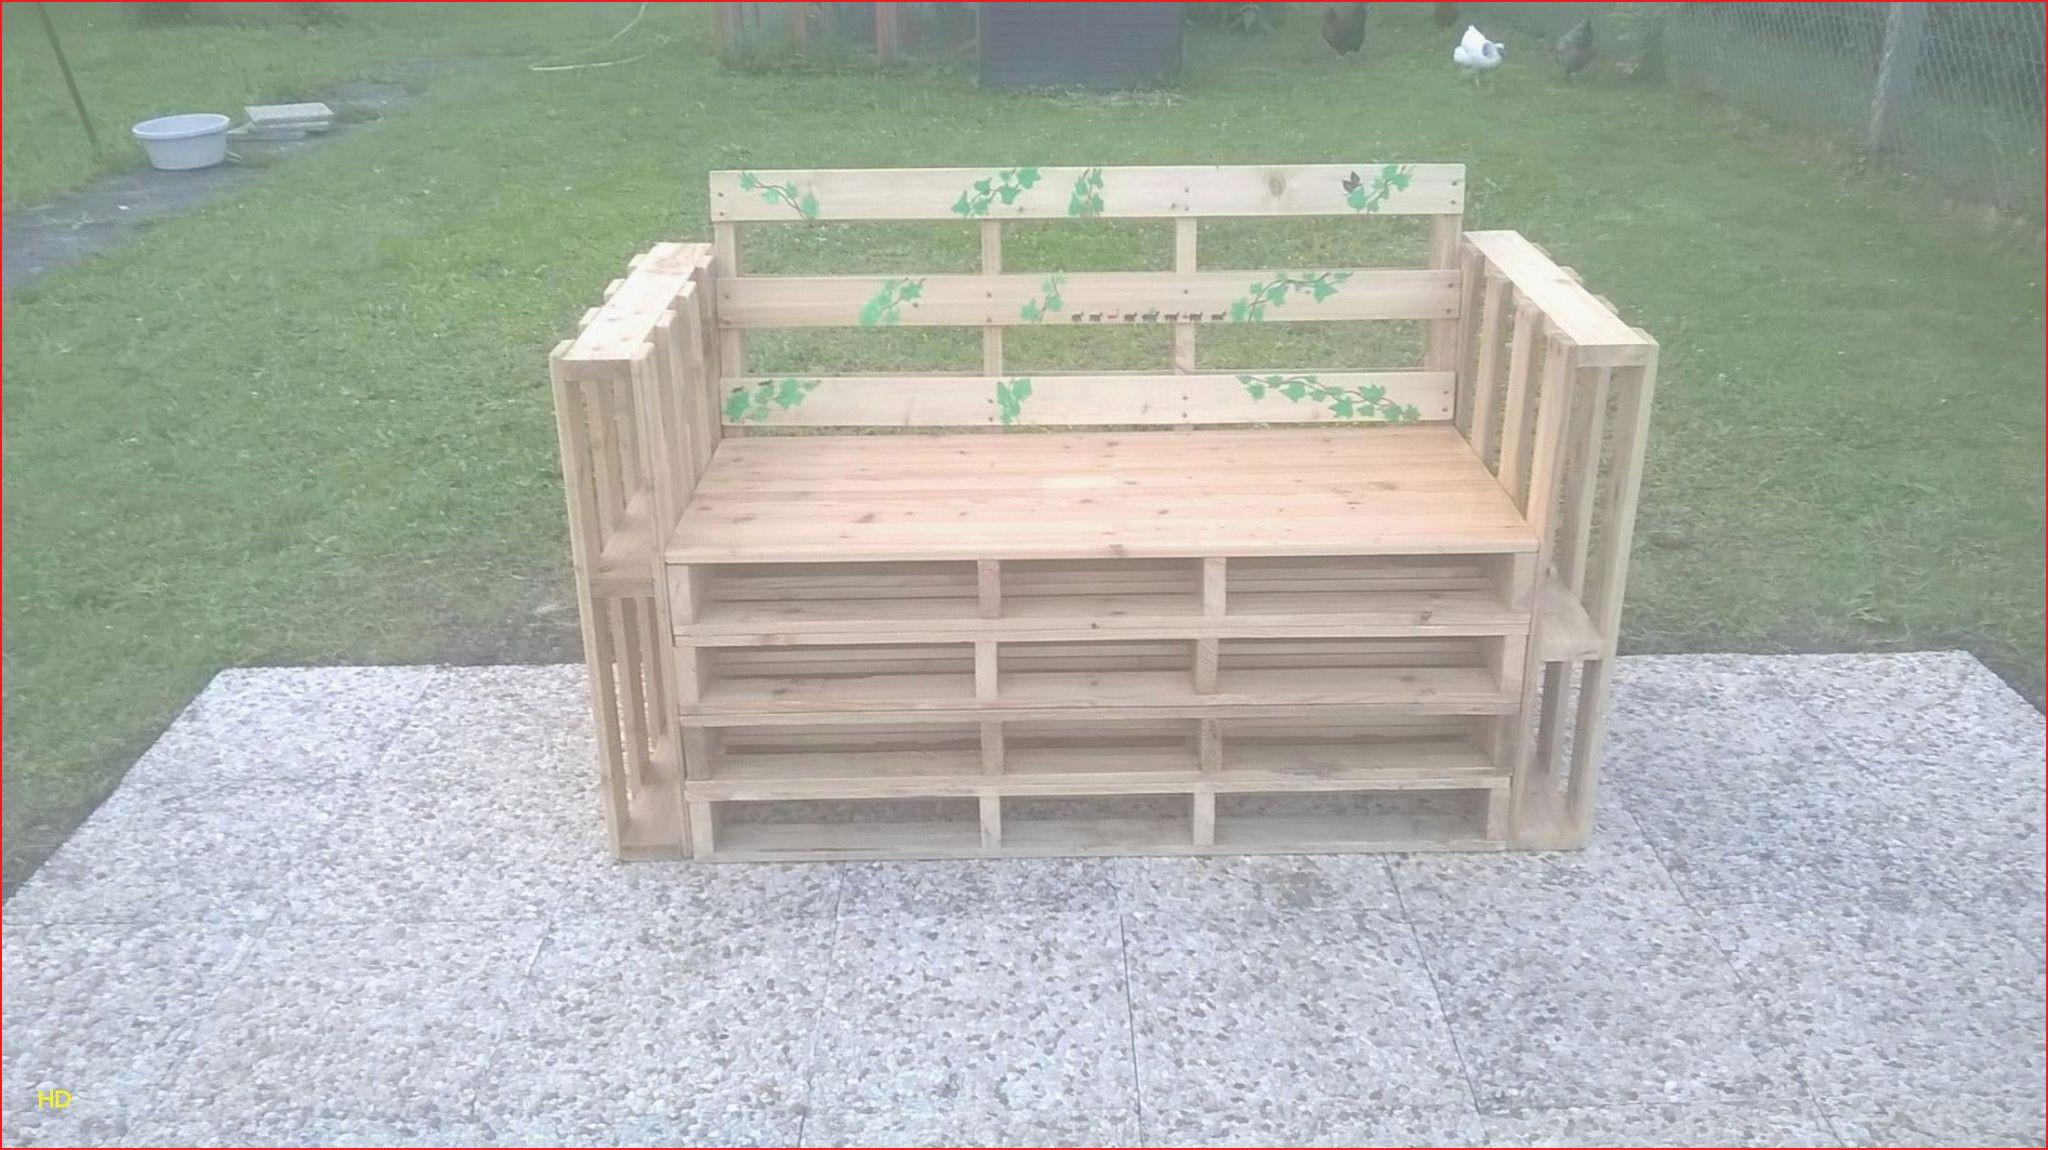 Table Jardin En Teck Unique Innovante Banc Pour Jardin Image De Jardin Décoratif Of 31 Élégant Table Jardin En Teck